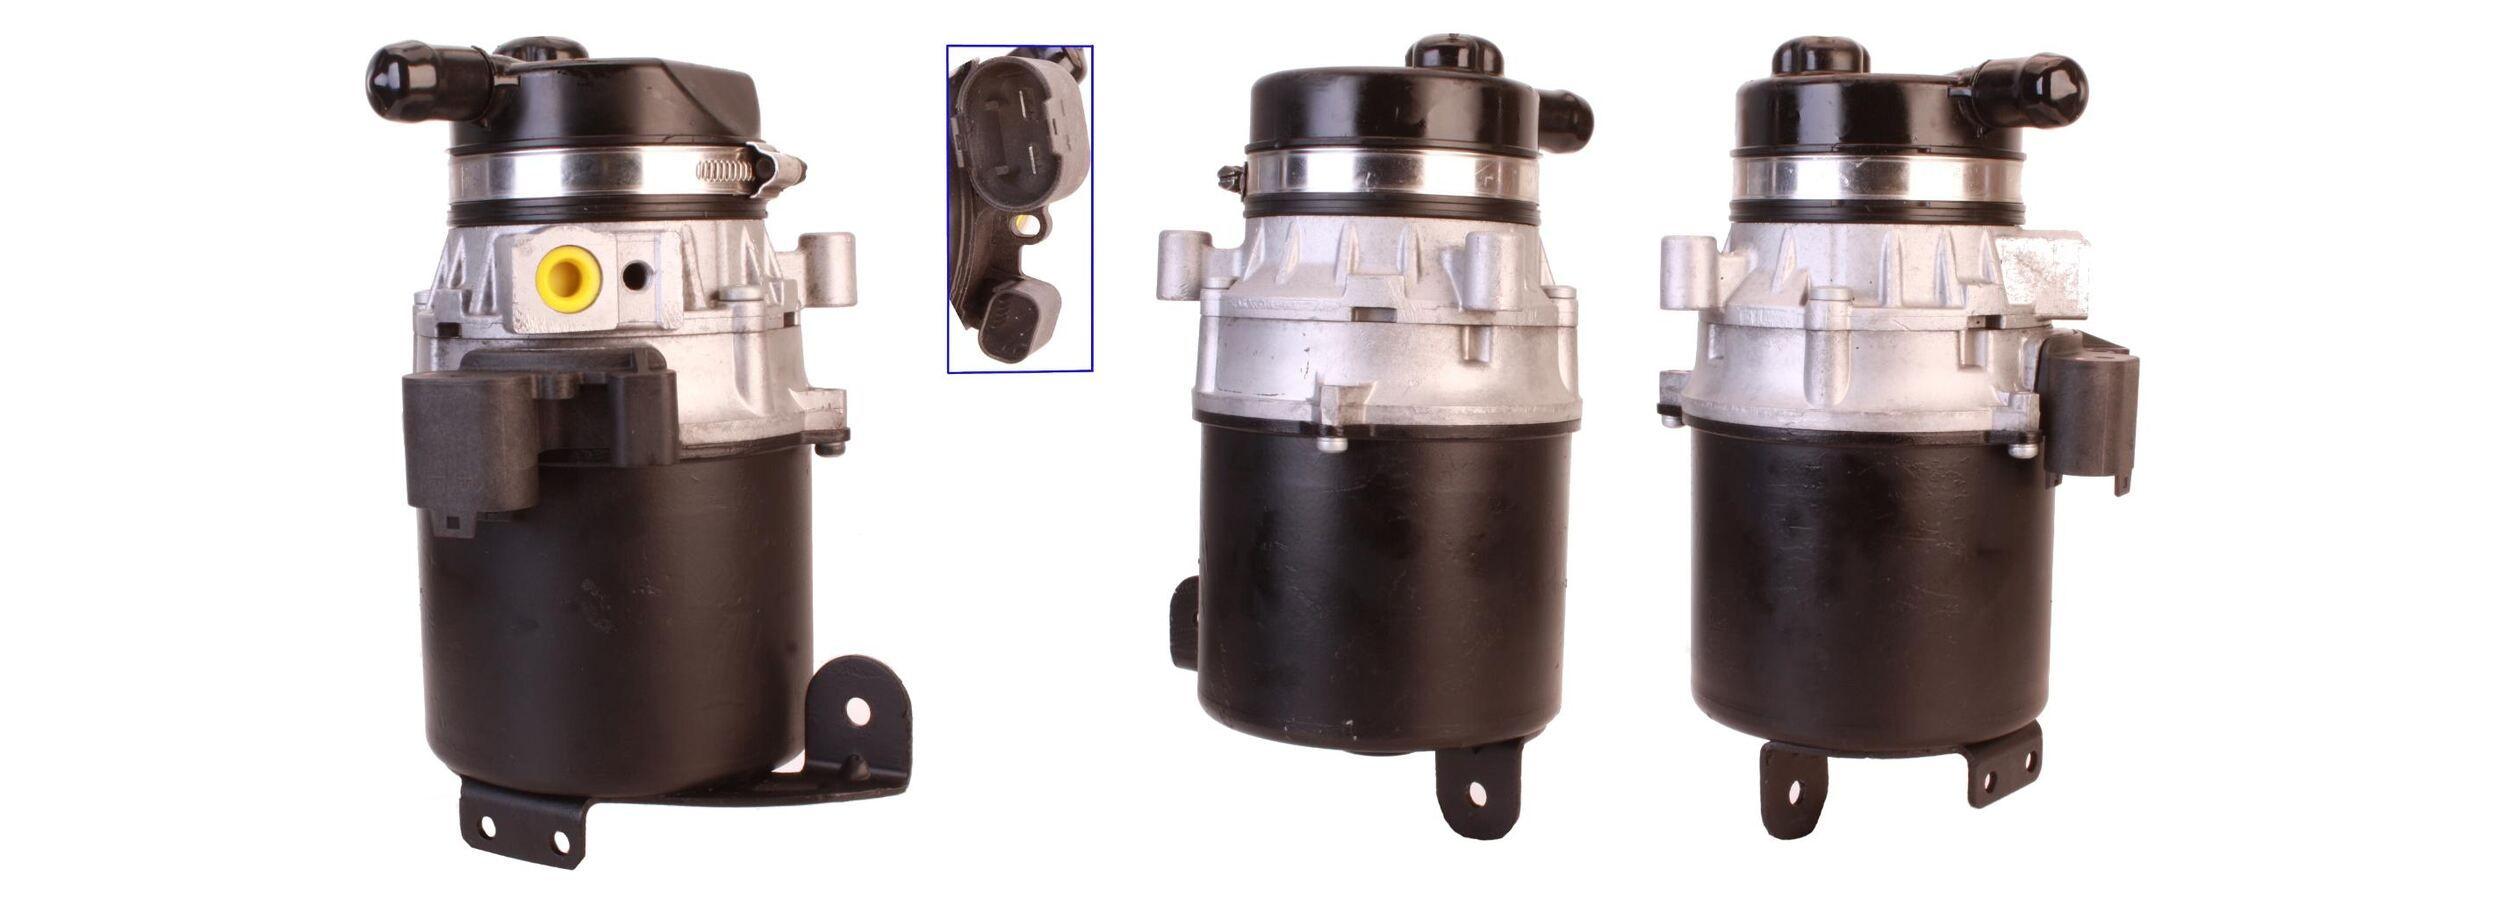 Servolenkung Pumpe 719520270 rund um die Uhr online kaufen